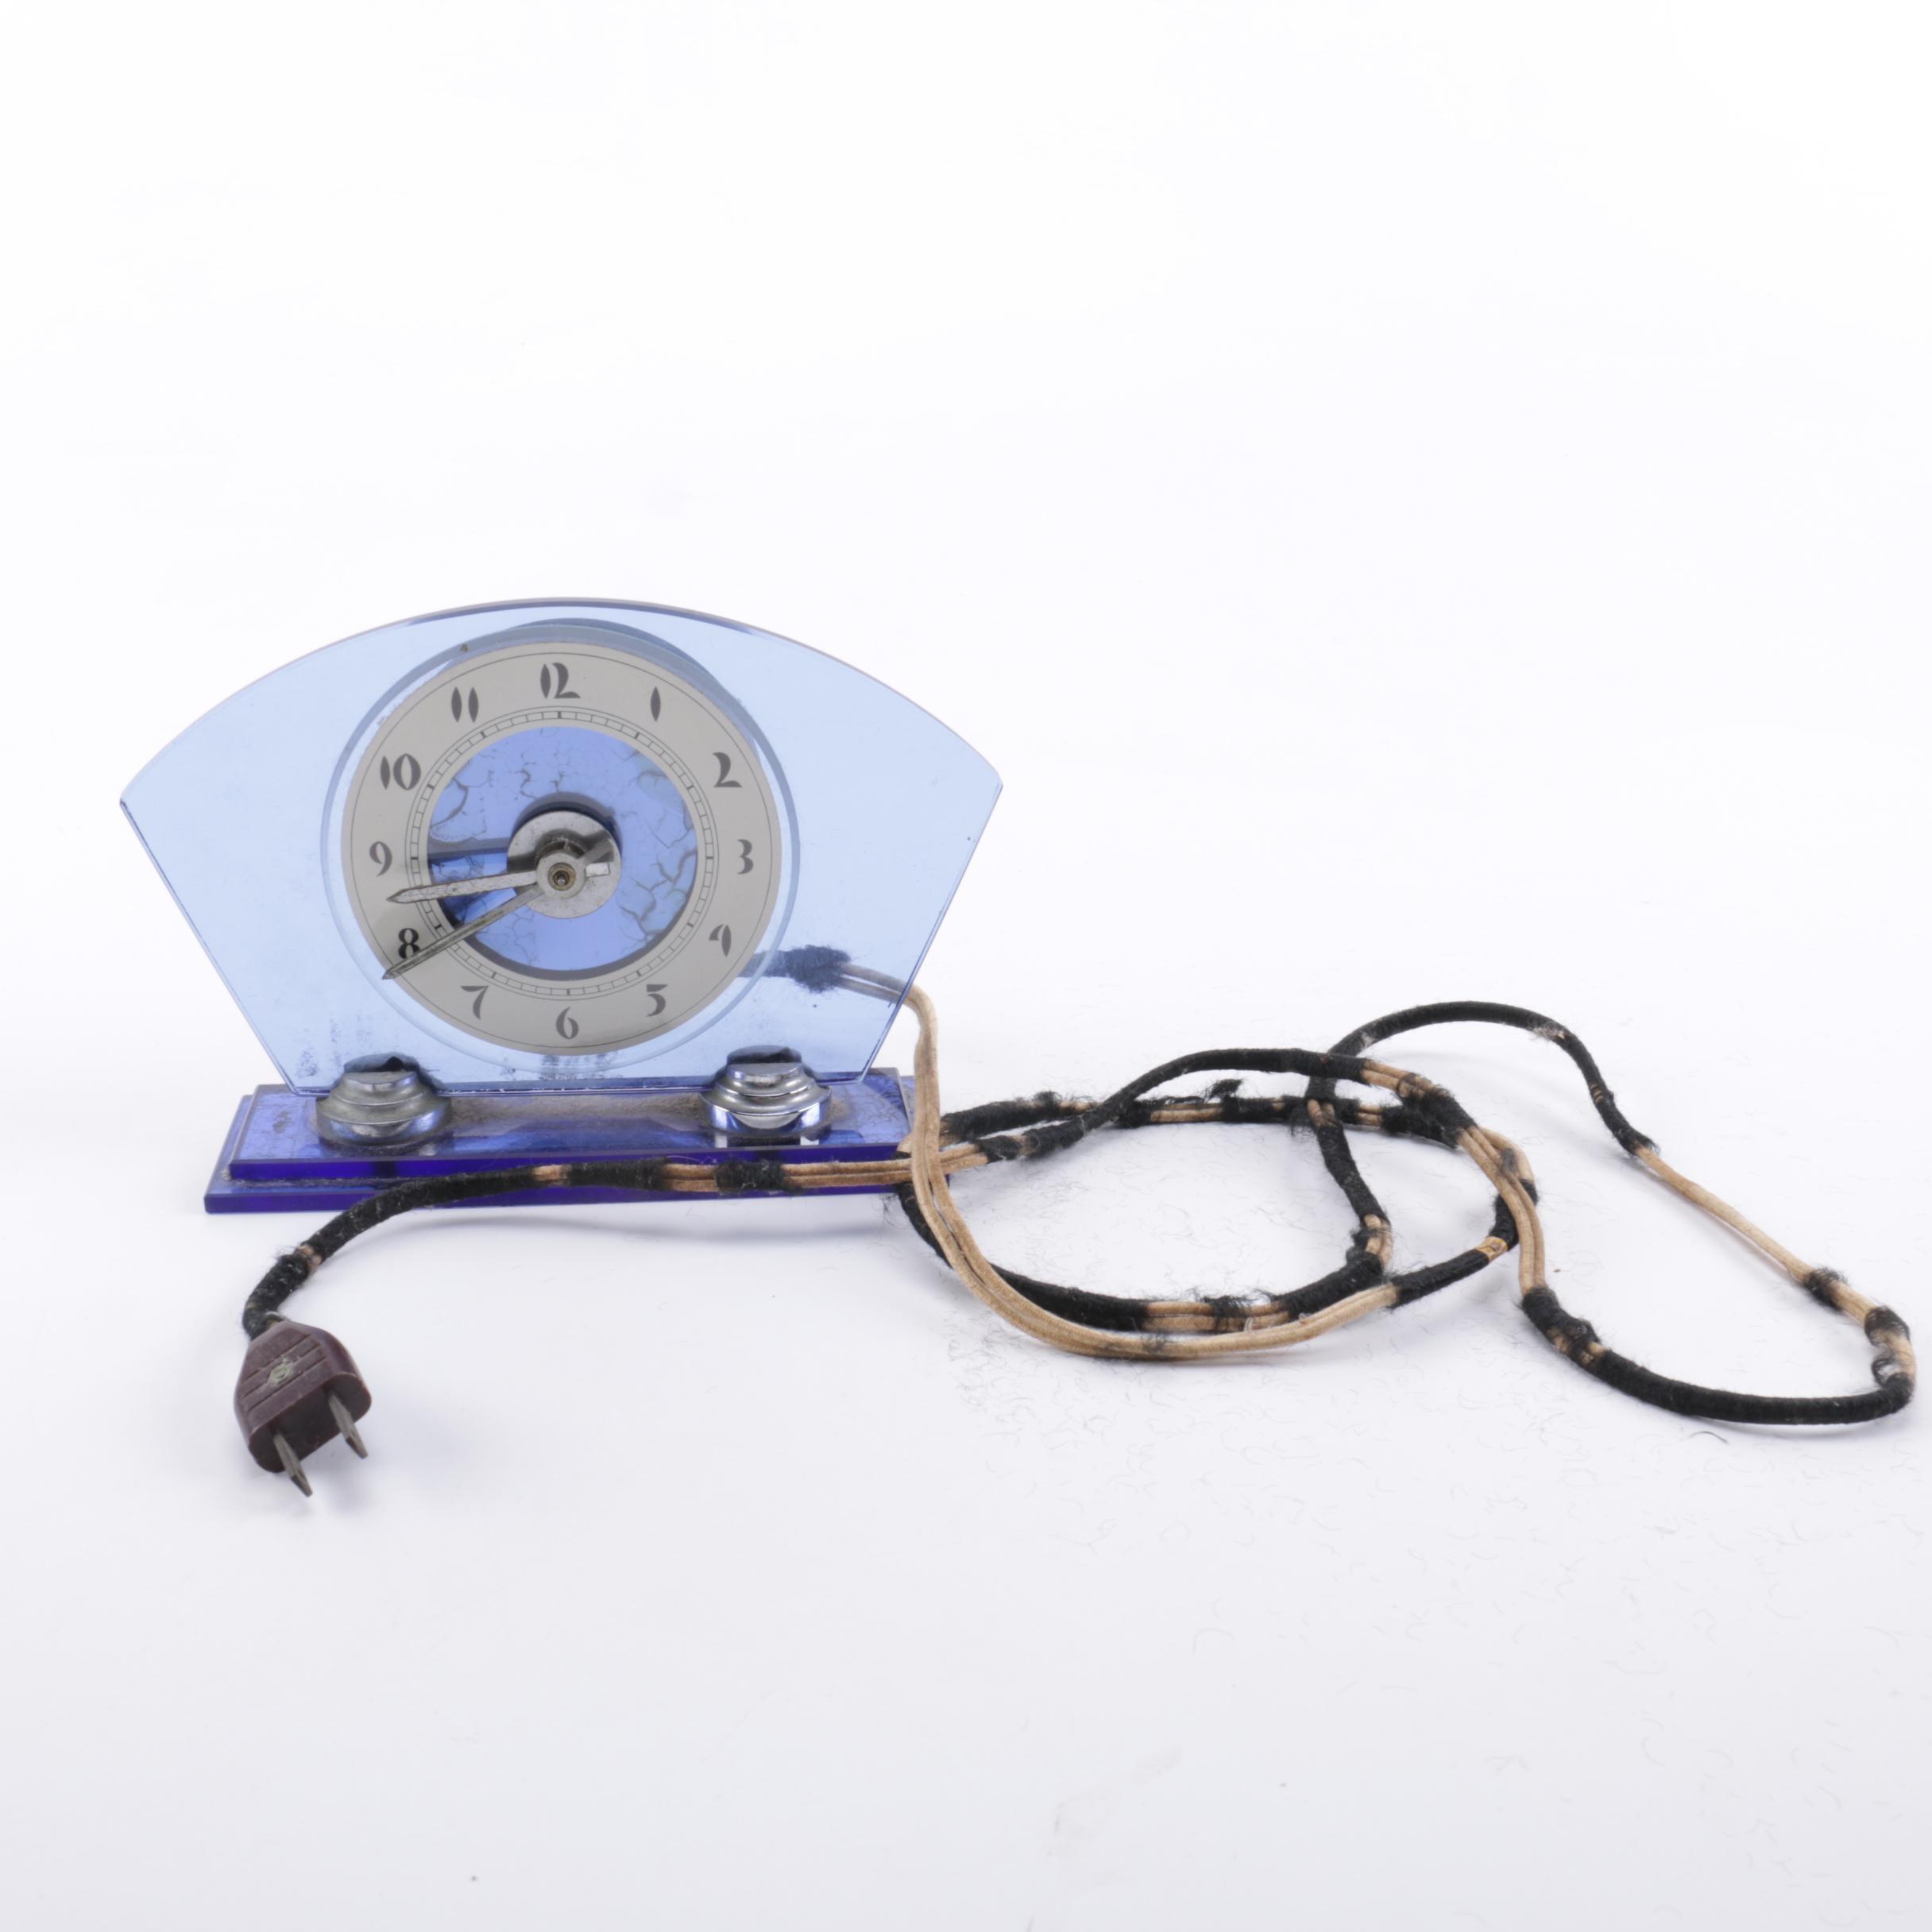 Sessions 1930s Art Deco Mantel Clock